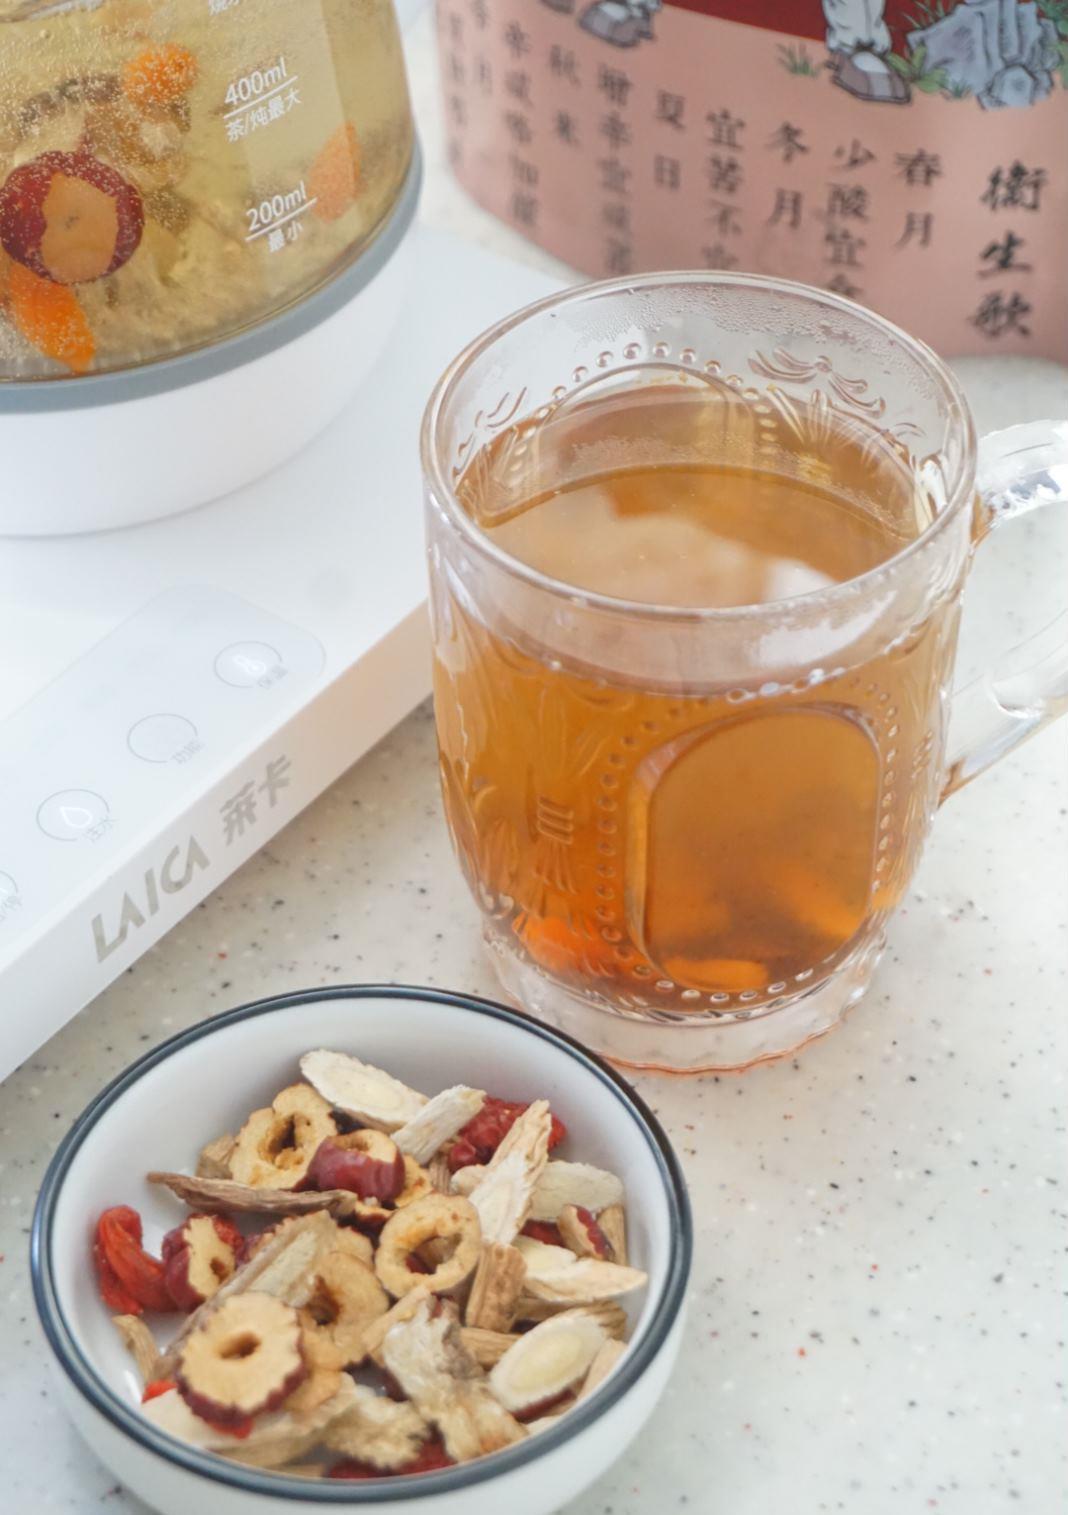 生理期别只喝红糖水了,教你1杯养生茶,坚持喝从此不再缺血气短